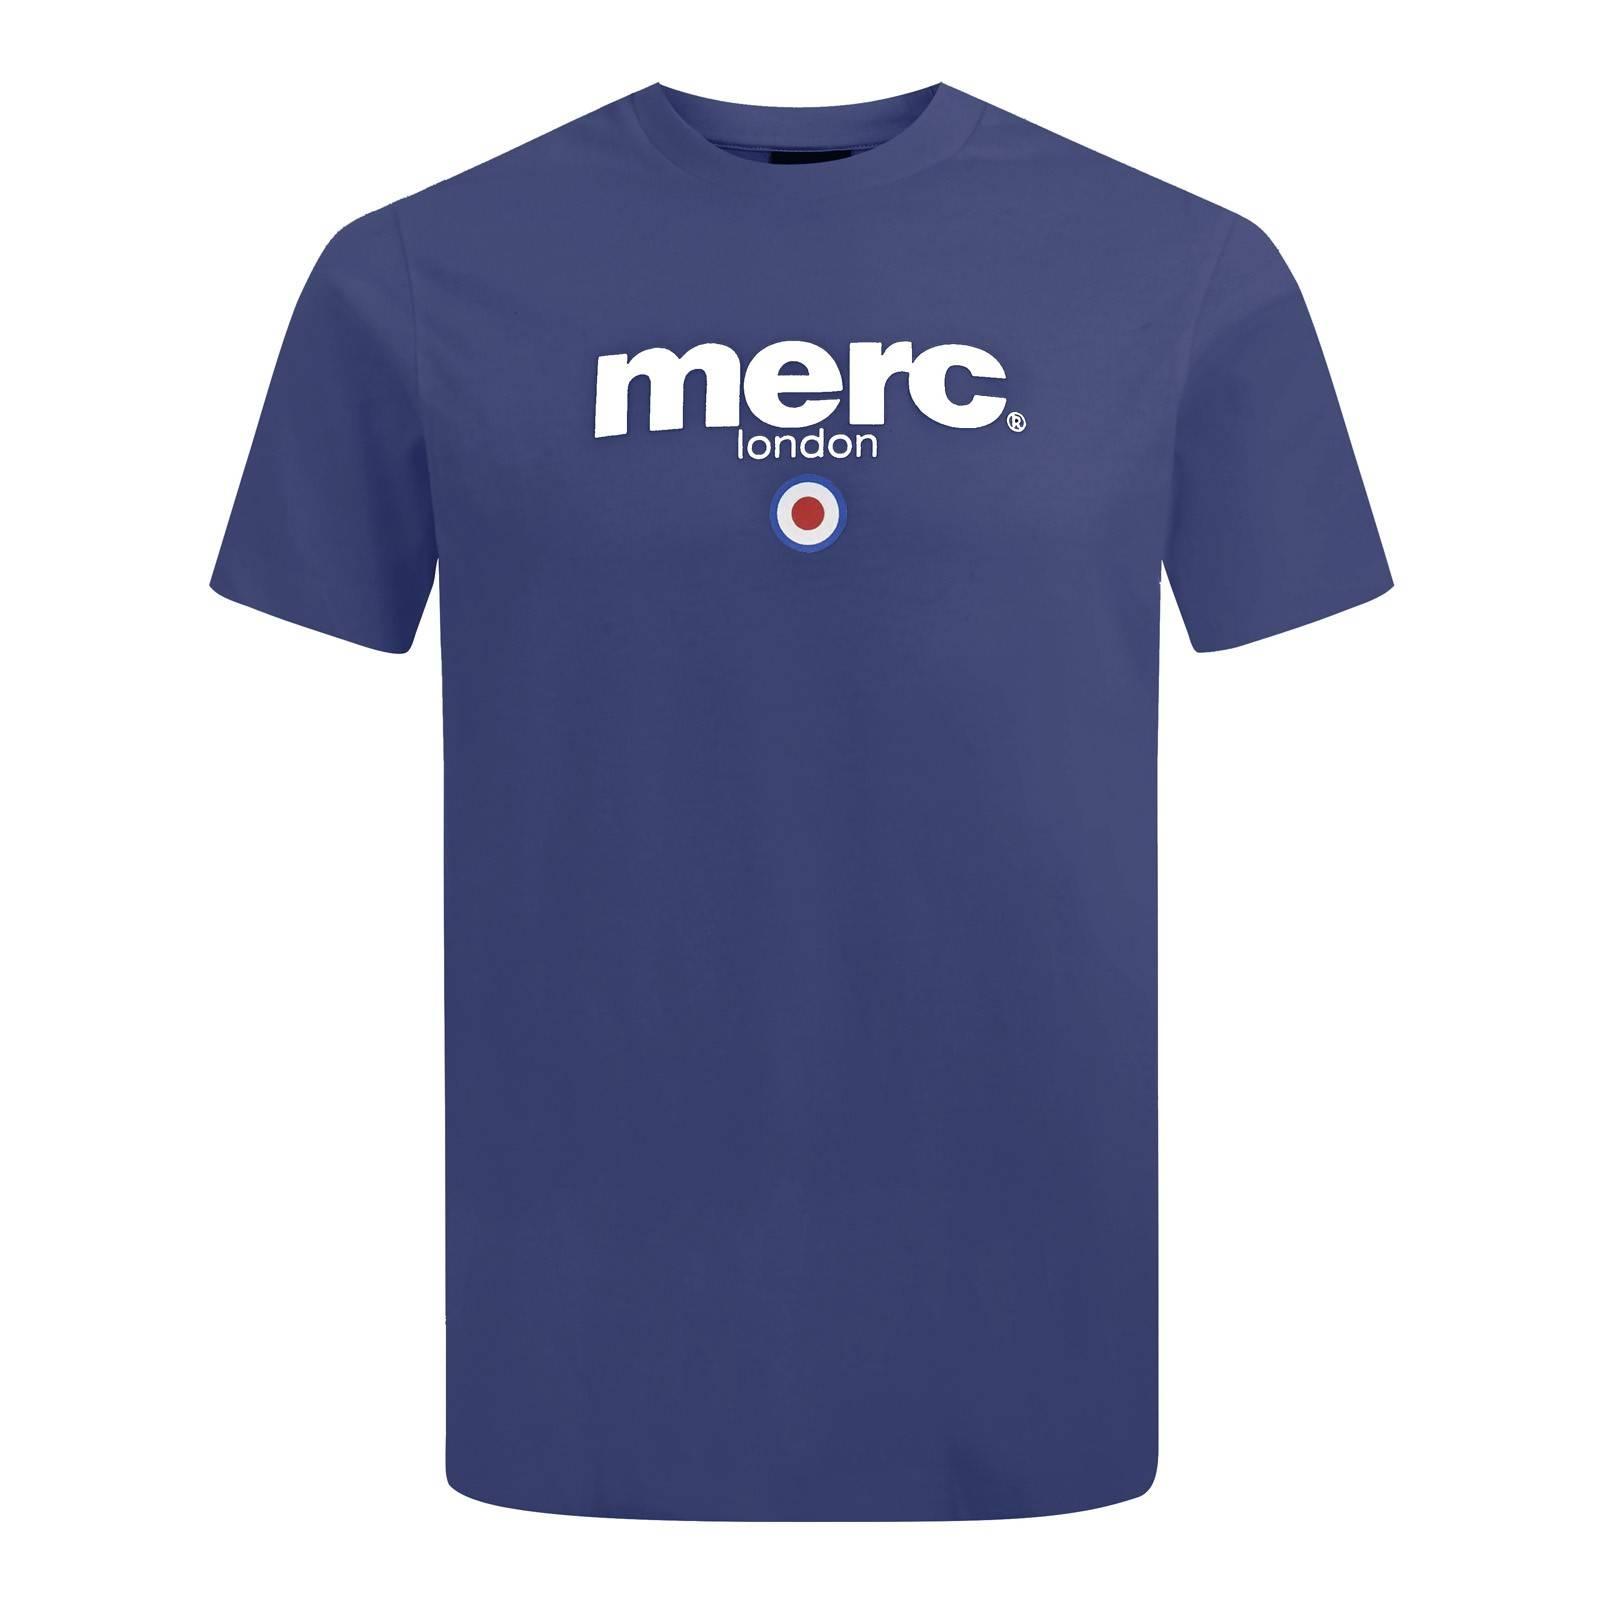 Футболка BrightonCORE<br>Классическая мужская футболка базовой всесезонной линии Core, брендированная логотипом Merc и символом mod-движения - таргетом. Выпускается с момента основания бренда. Принт-логотип нанесен методом высококачественной шелкографии, не сходит и не блекнет в результате стирок. Расположение логотипа в верхней части футболки позволяет красиво комбинировать ее с не до конца застегнутыми олимпийкой-худи, кардиганом или ветровкой.<br><br>Артикул: 1704136<br>Материал: 100% хлопок<br>Цвет: черного моря<br>Пол: Мужской